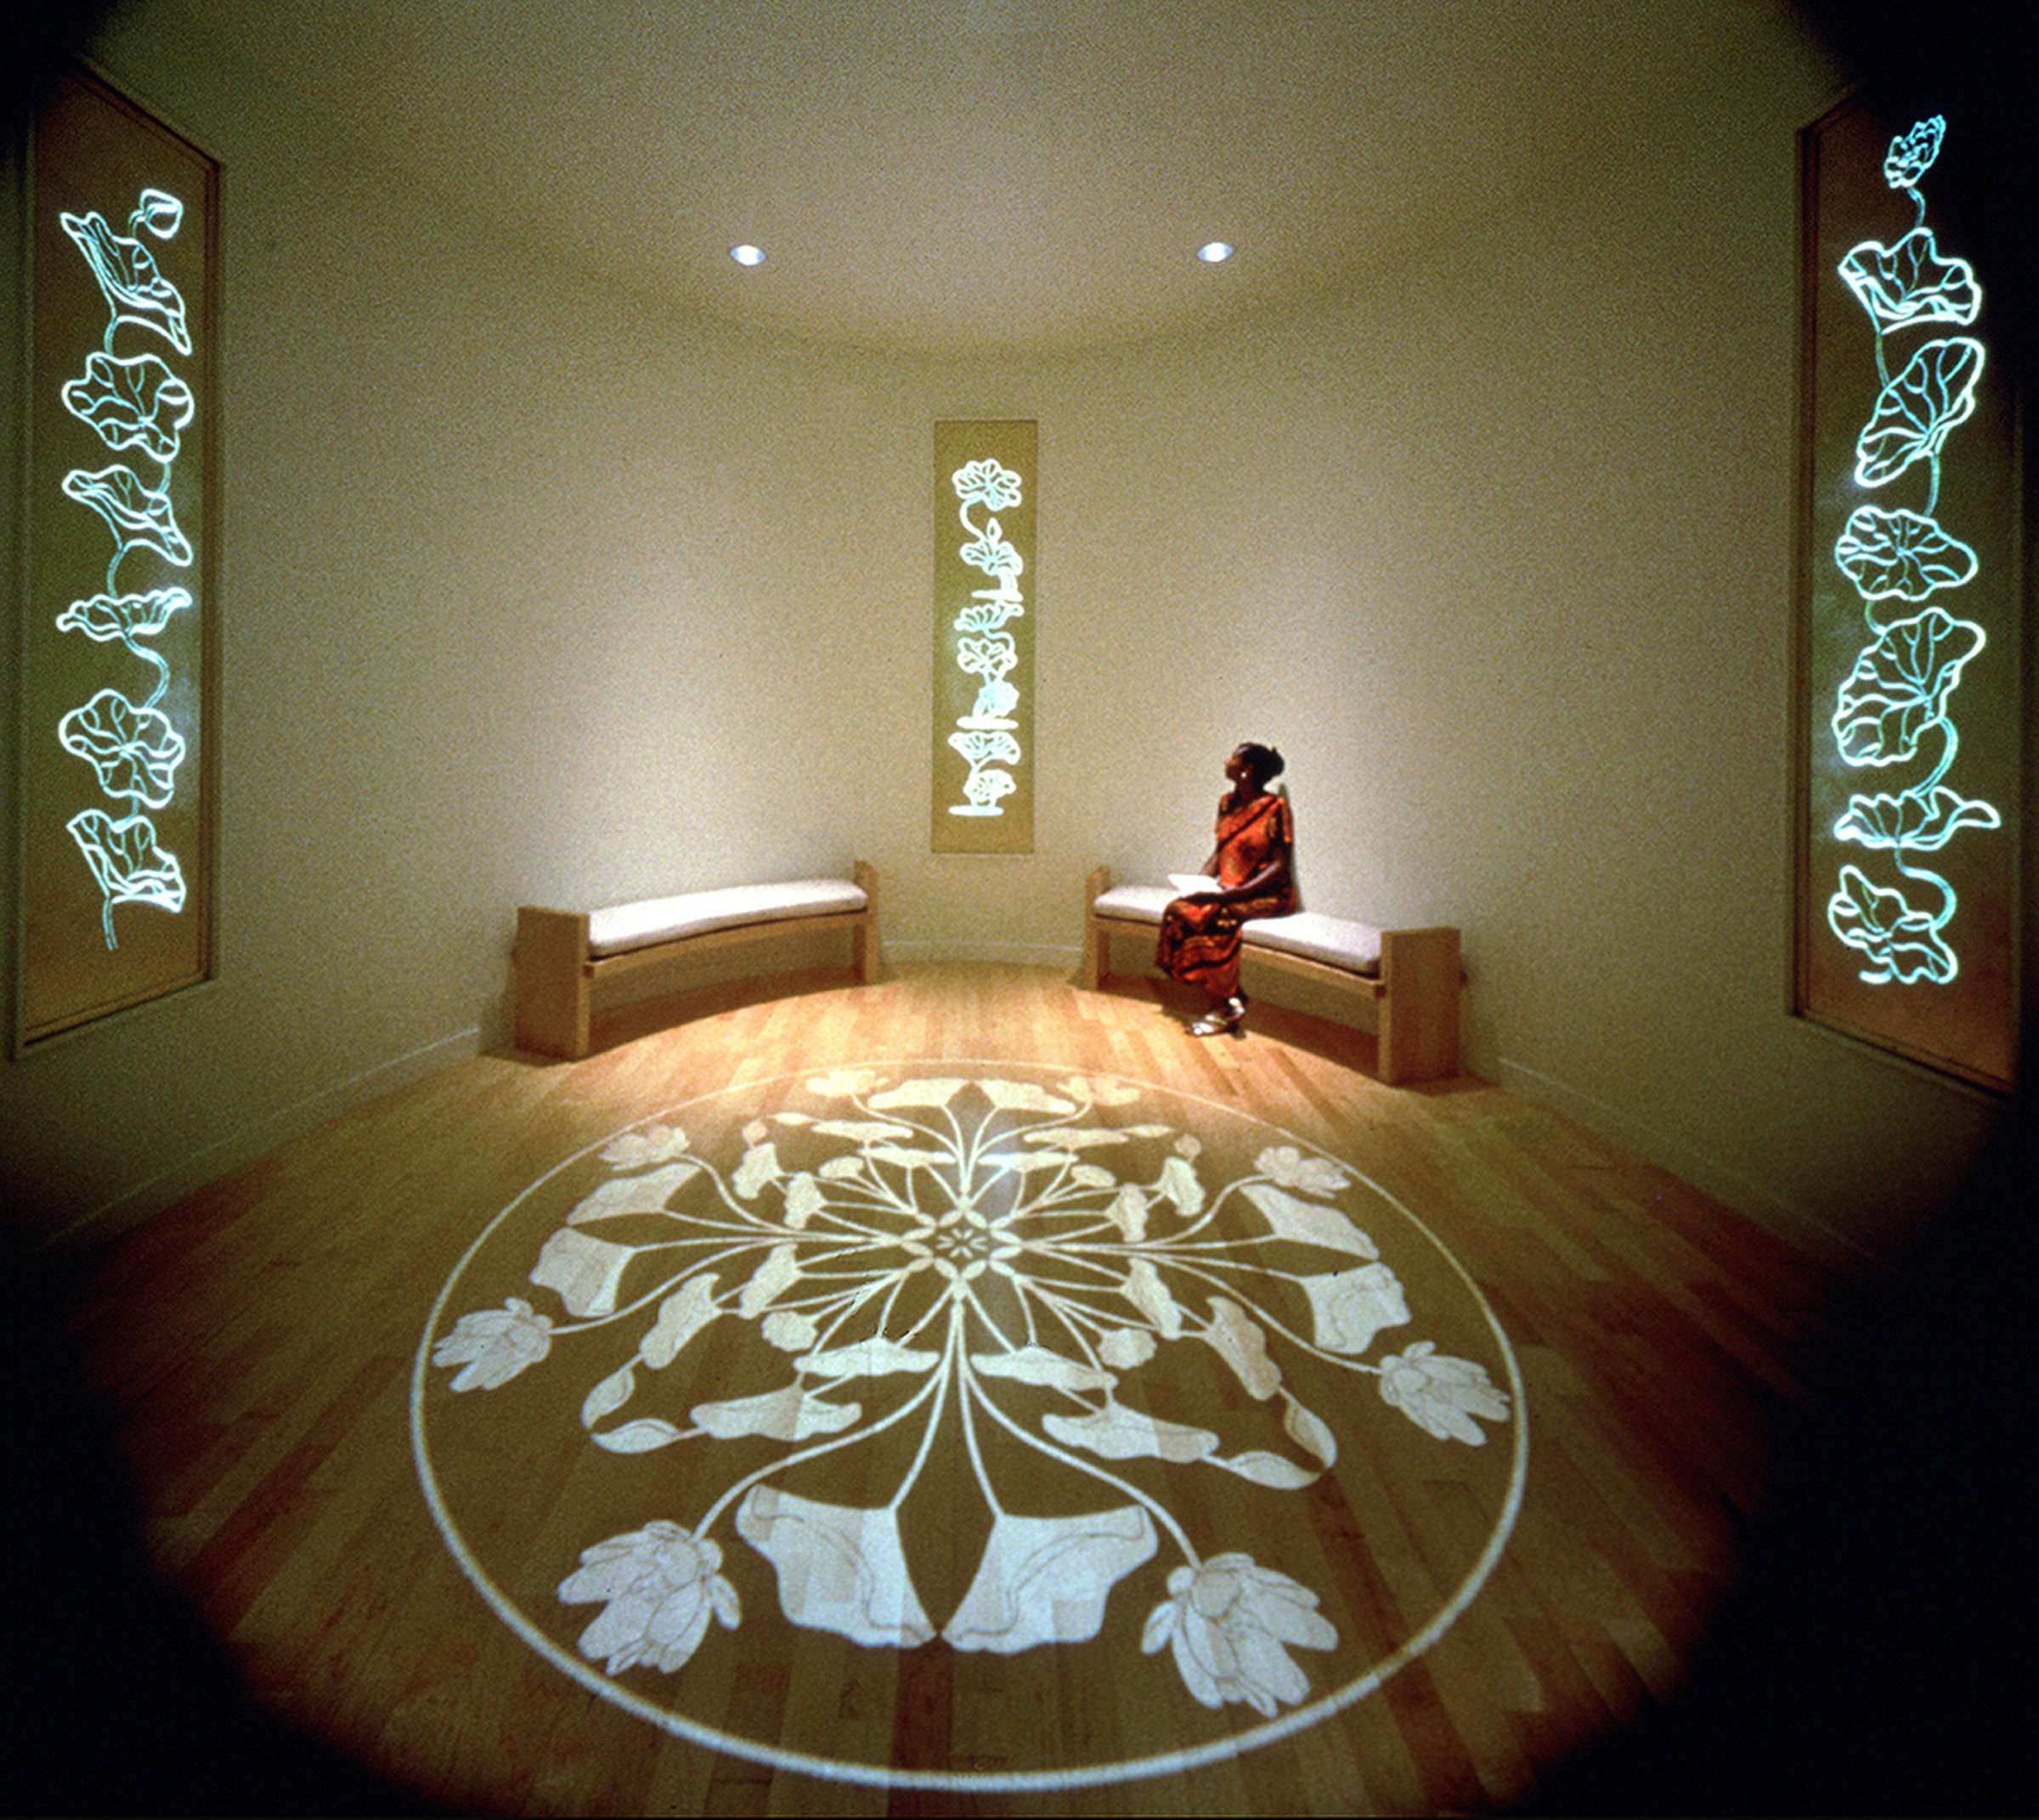 CODAMAGAZINE: Healing Art IV cover image